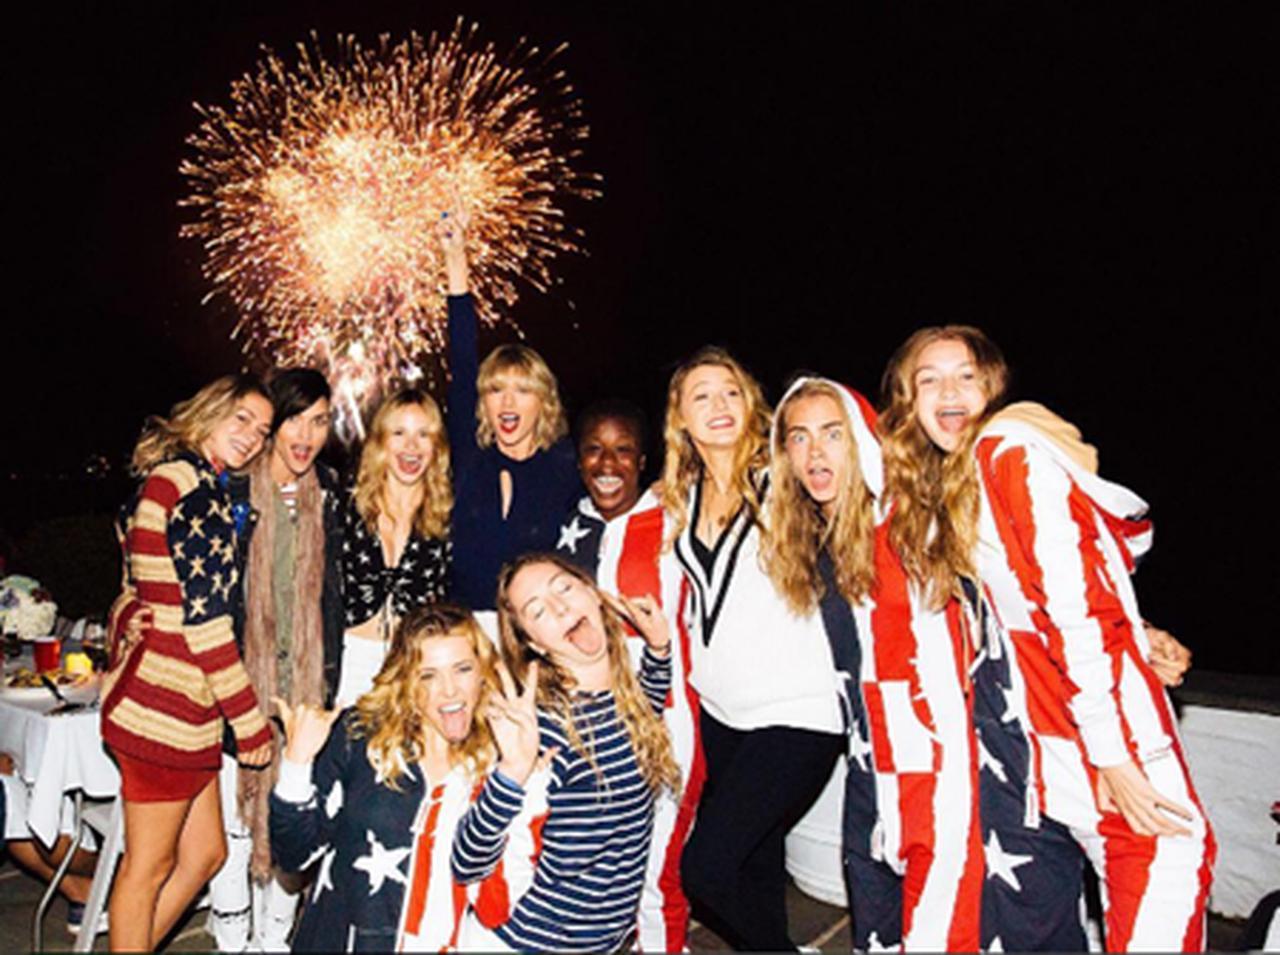 画像: アメリカの独立記念日を友達とお祝い。この時も一連の写真をインスタグラムに公開した。